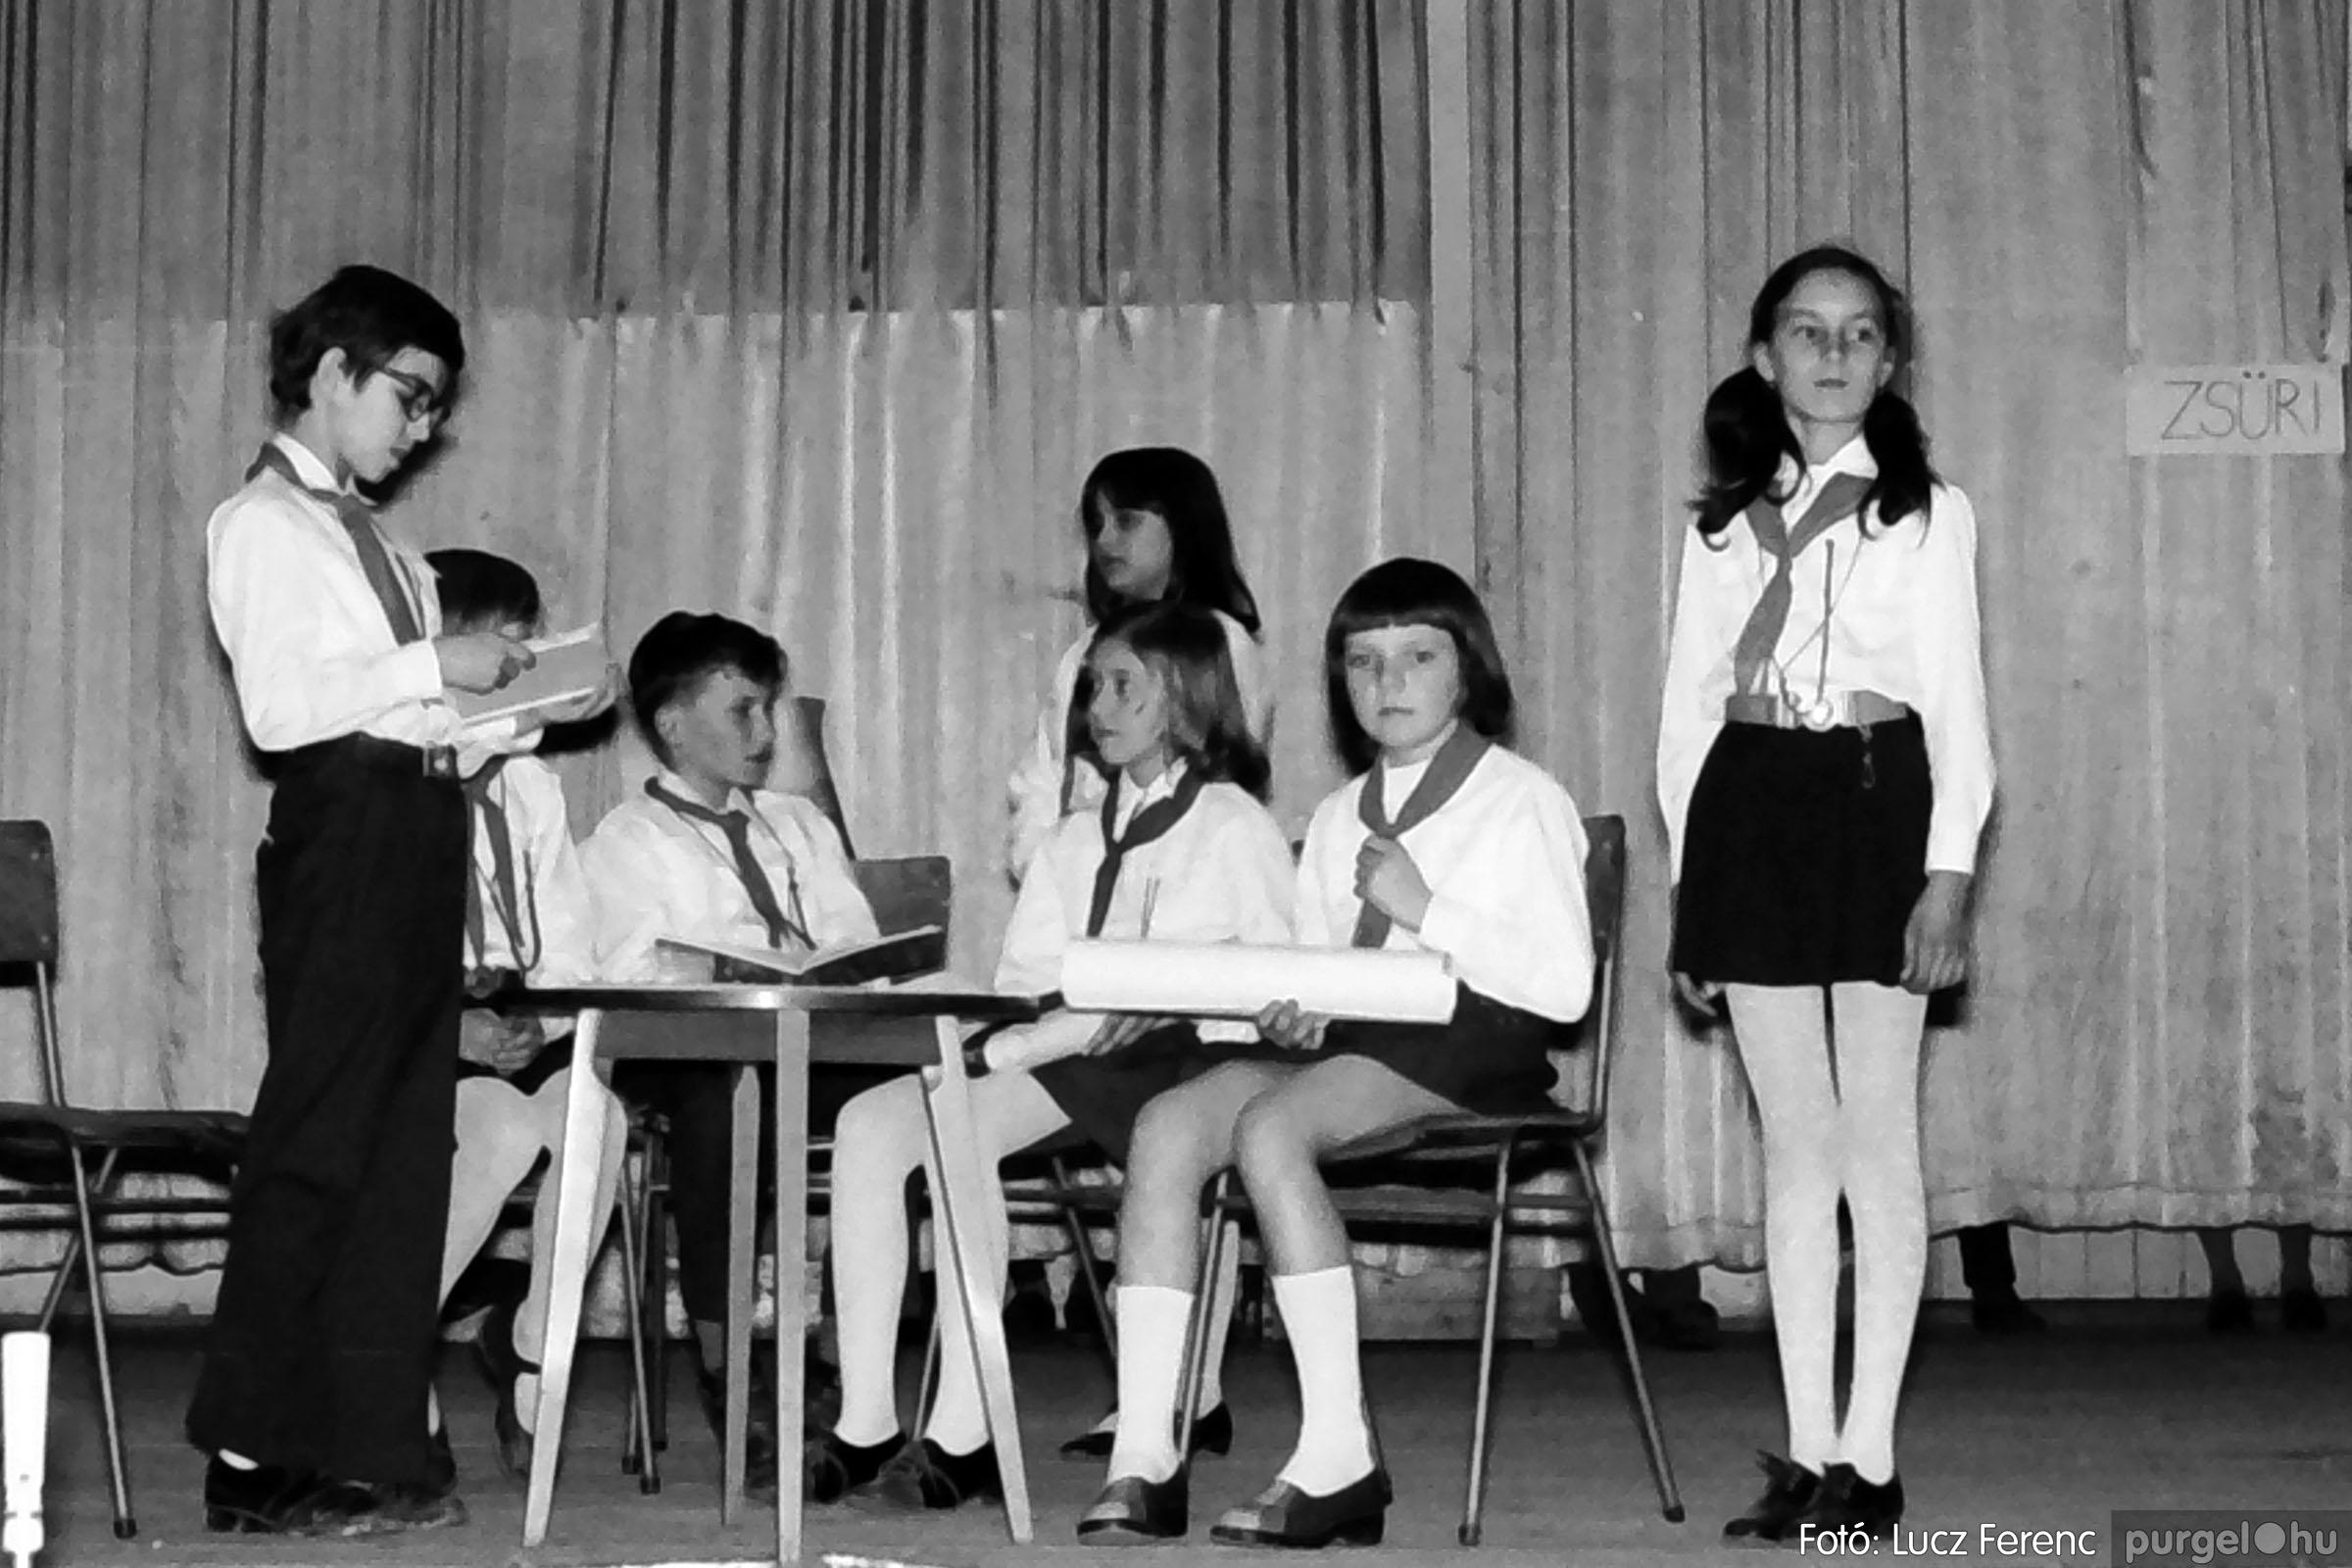 033. 1976. Diákrendezvény a kultúrházban 011 - Fotó: Lucz Ferenc.jpg